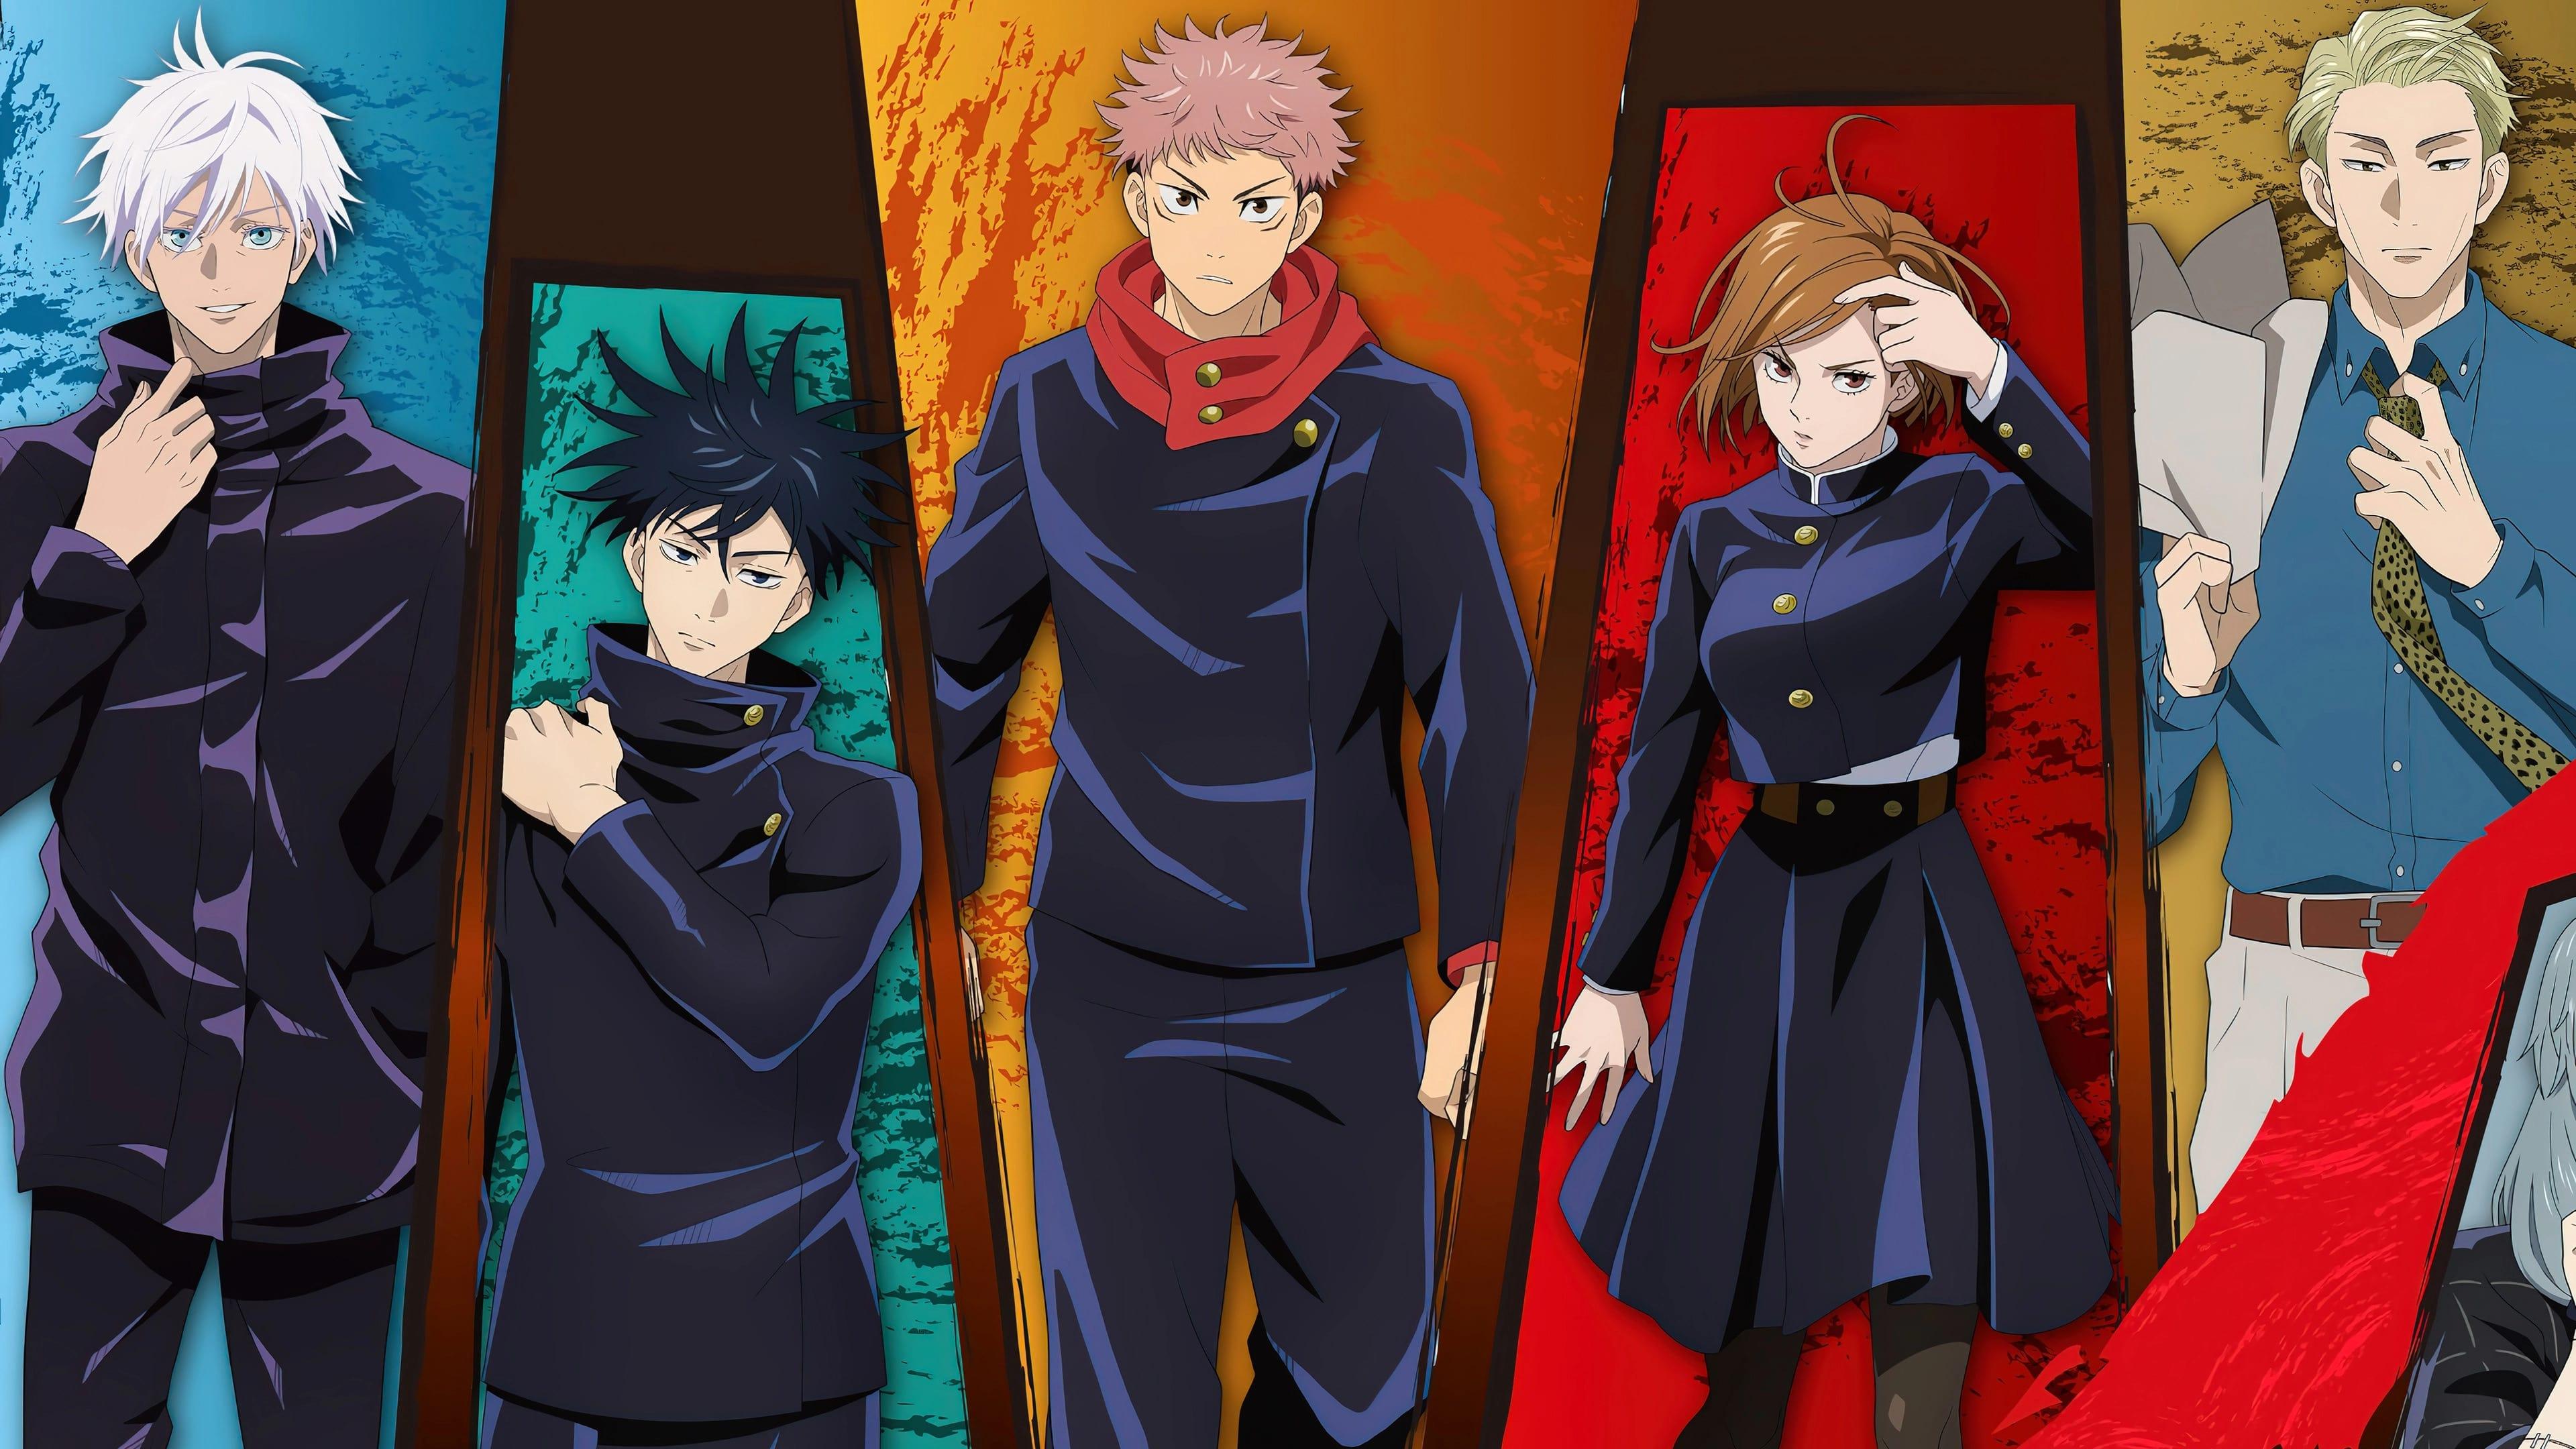 Jujutsu Kaisen - Season 1 Episode 9